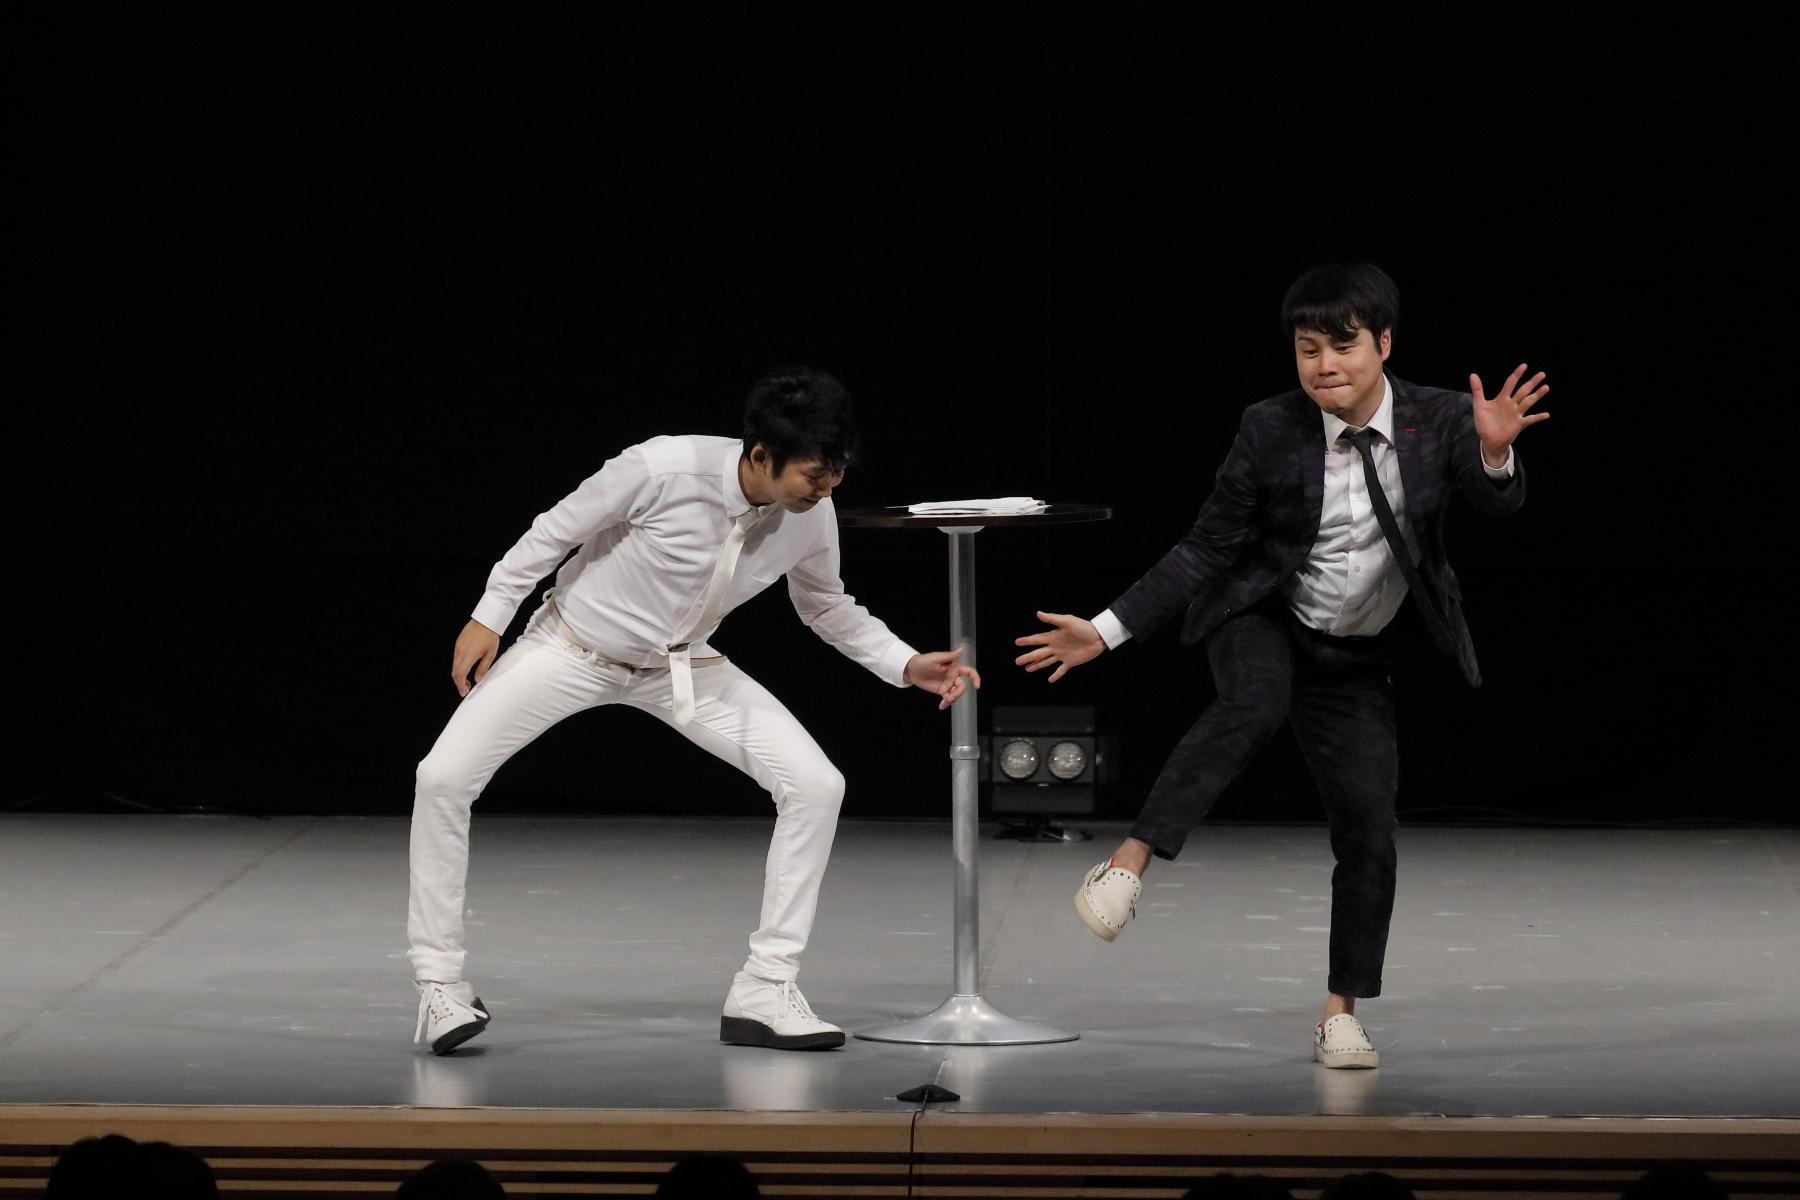 http://news.yoshimoto.co.jp/20171112125654-657fb4c79ffc311b4f921a52da19ed946803ff2b.jpg